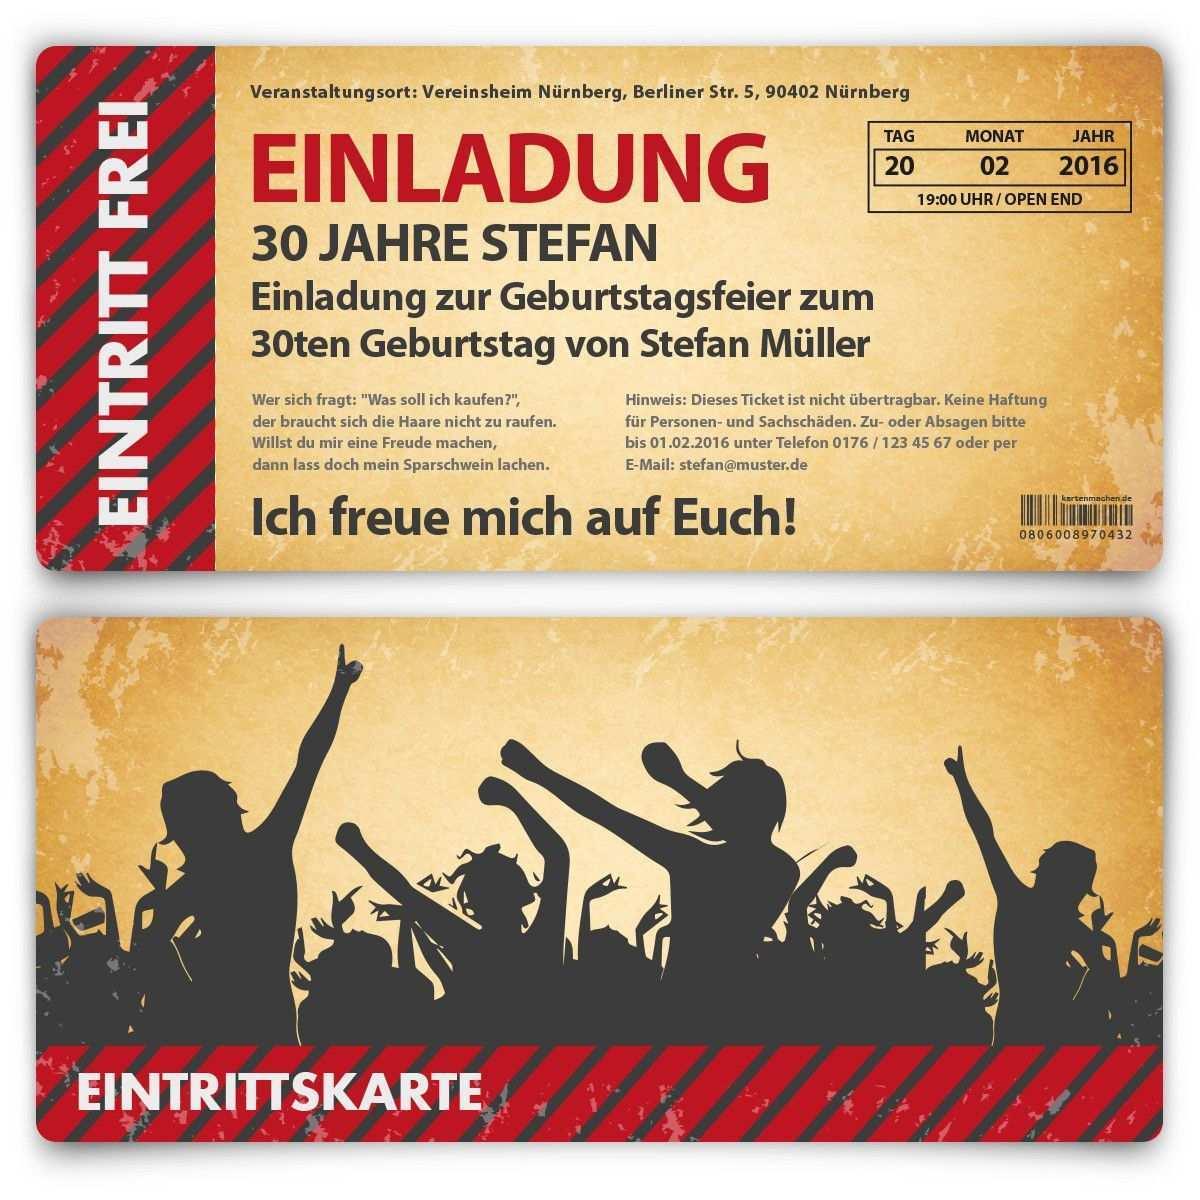 Ausgefallene Einladungskarten Geburtstag Ausgefallene Einladungskarten Zum 50 Gebur Einladung Geburtstag Einladungskarten Geburtstag Einladungskarten Zum 50